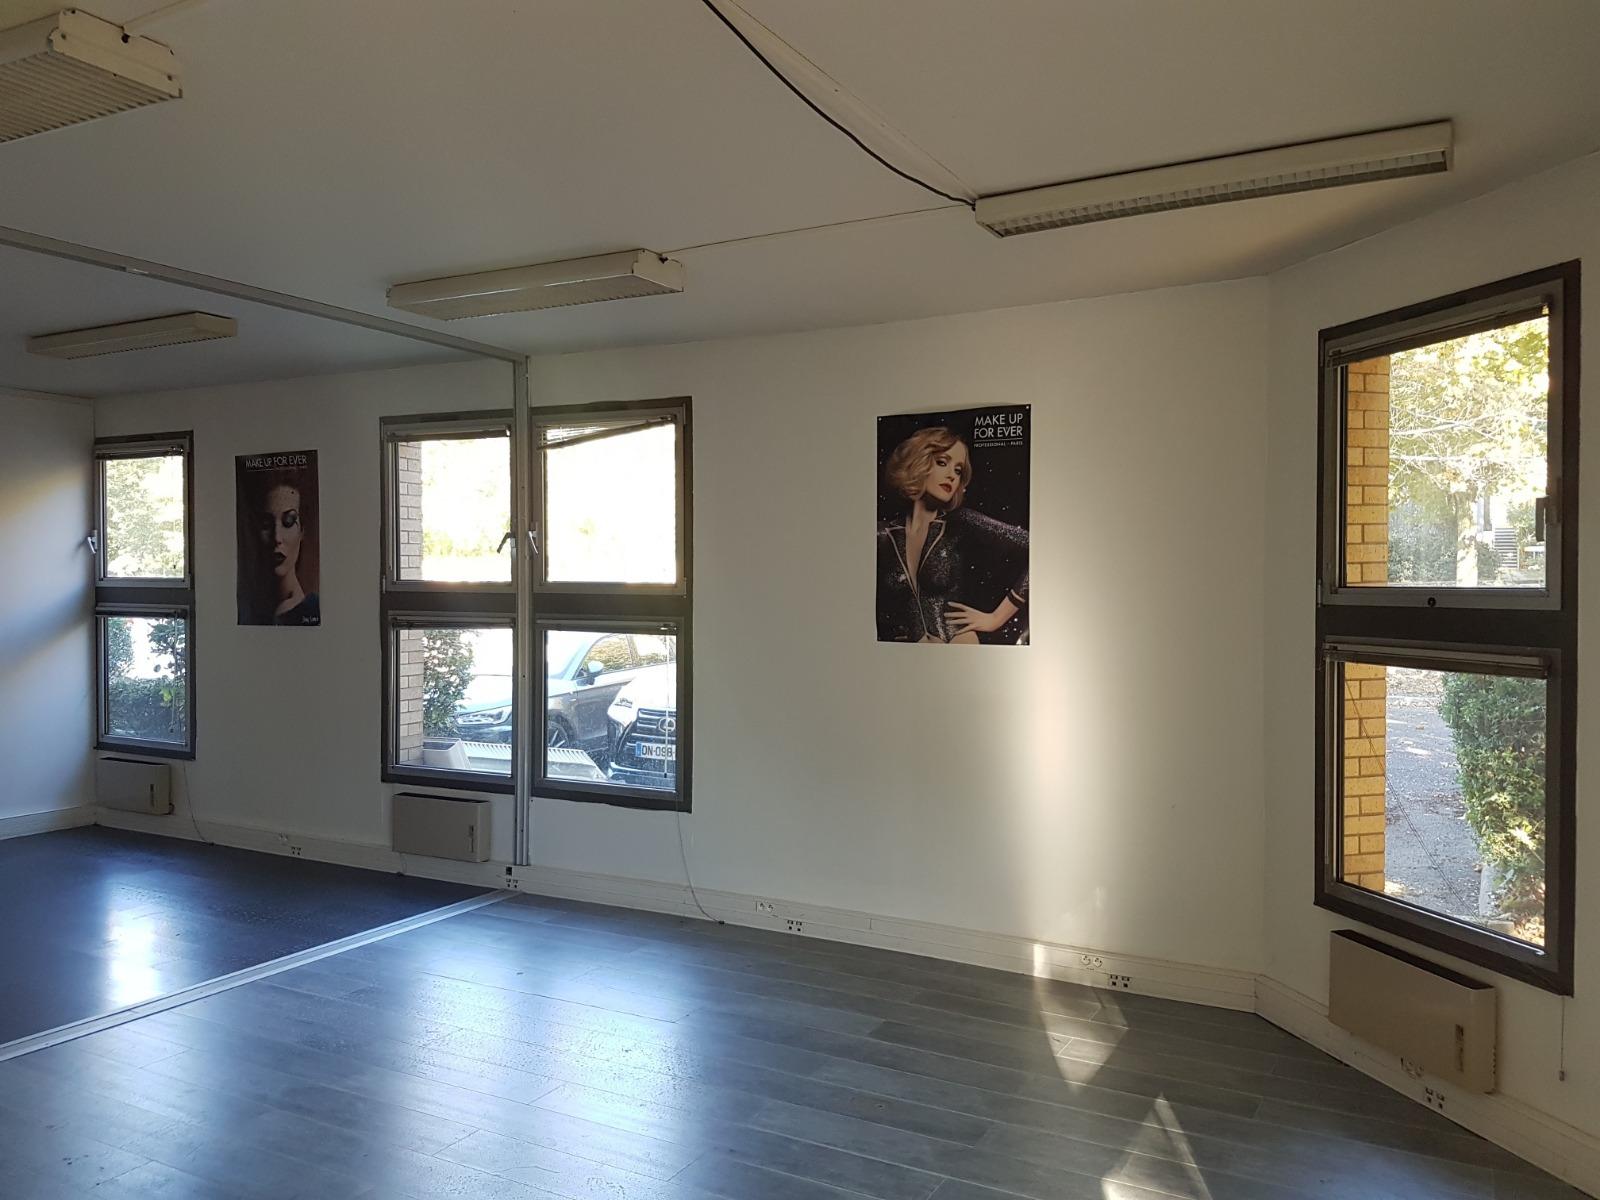 Location magnifique bureau 45m² refait neuf standing torcy